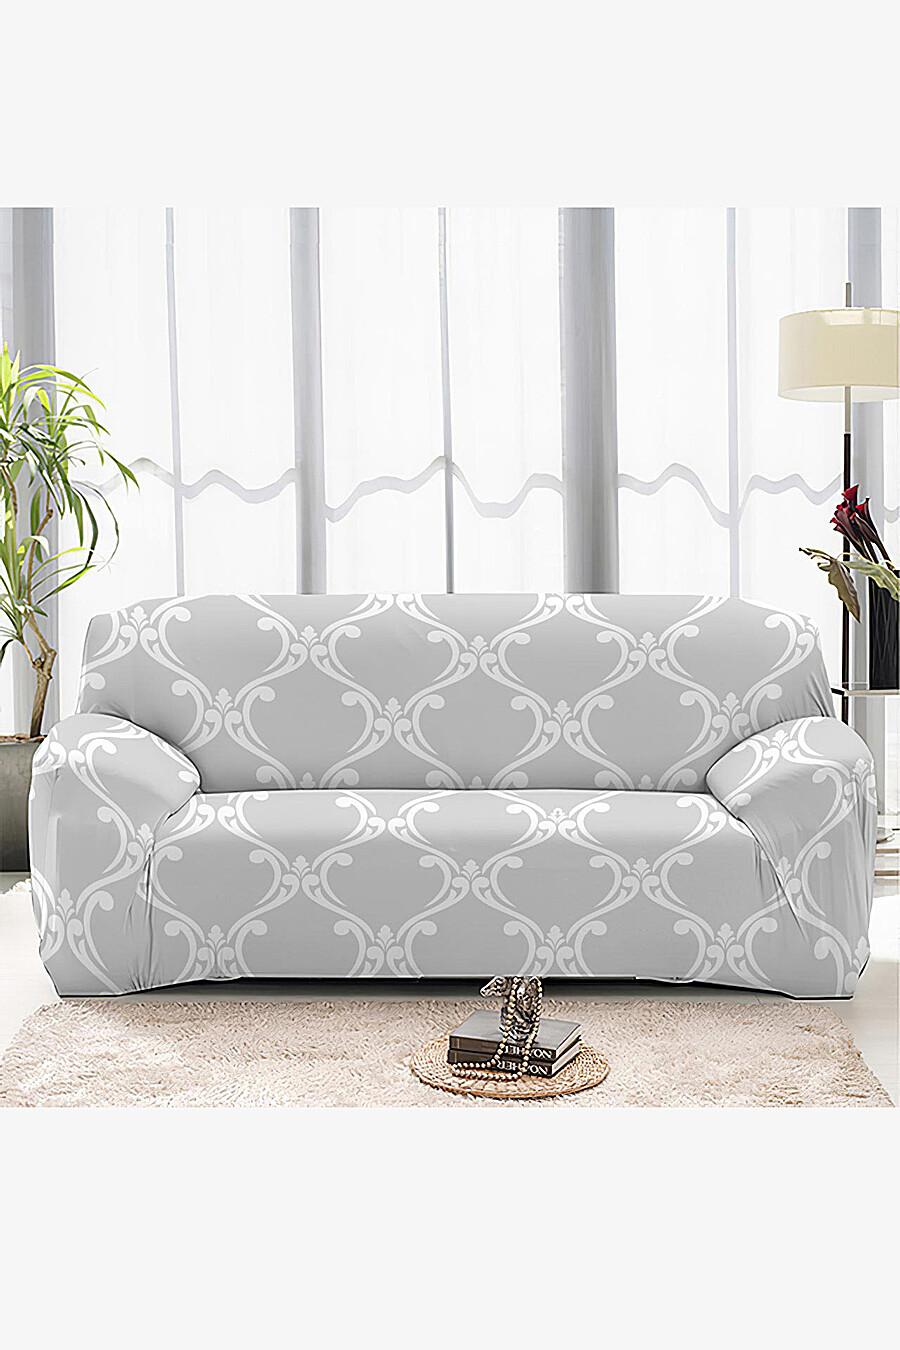 Чехол на диван для дома ART HOME TEXTILE 162899 купить оптом от производителя. Совместная покупка товаров для дома в OptMoyo